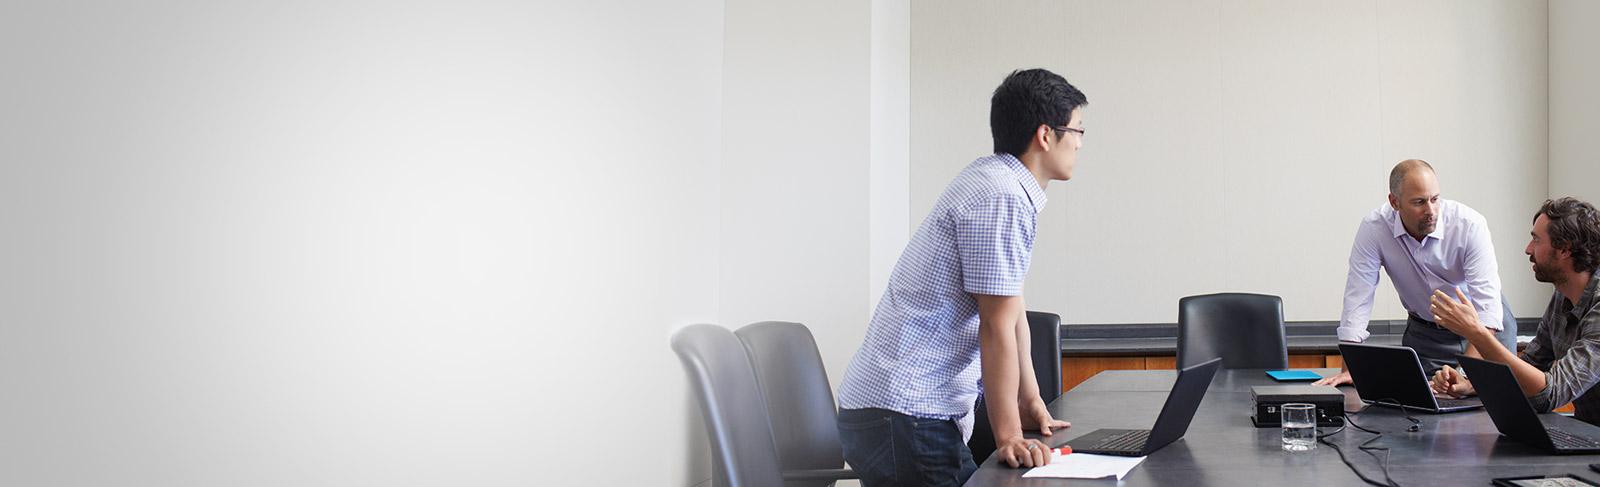 Tri čoveka sa laptop računarima na sastanku u sobi za konferencije koji koriste Office 365 Enterprise E4.